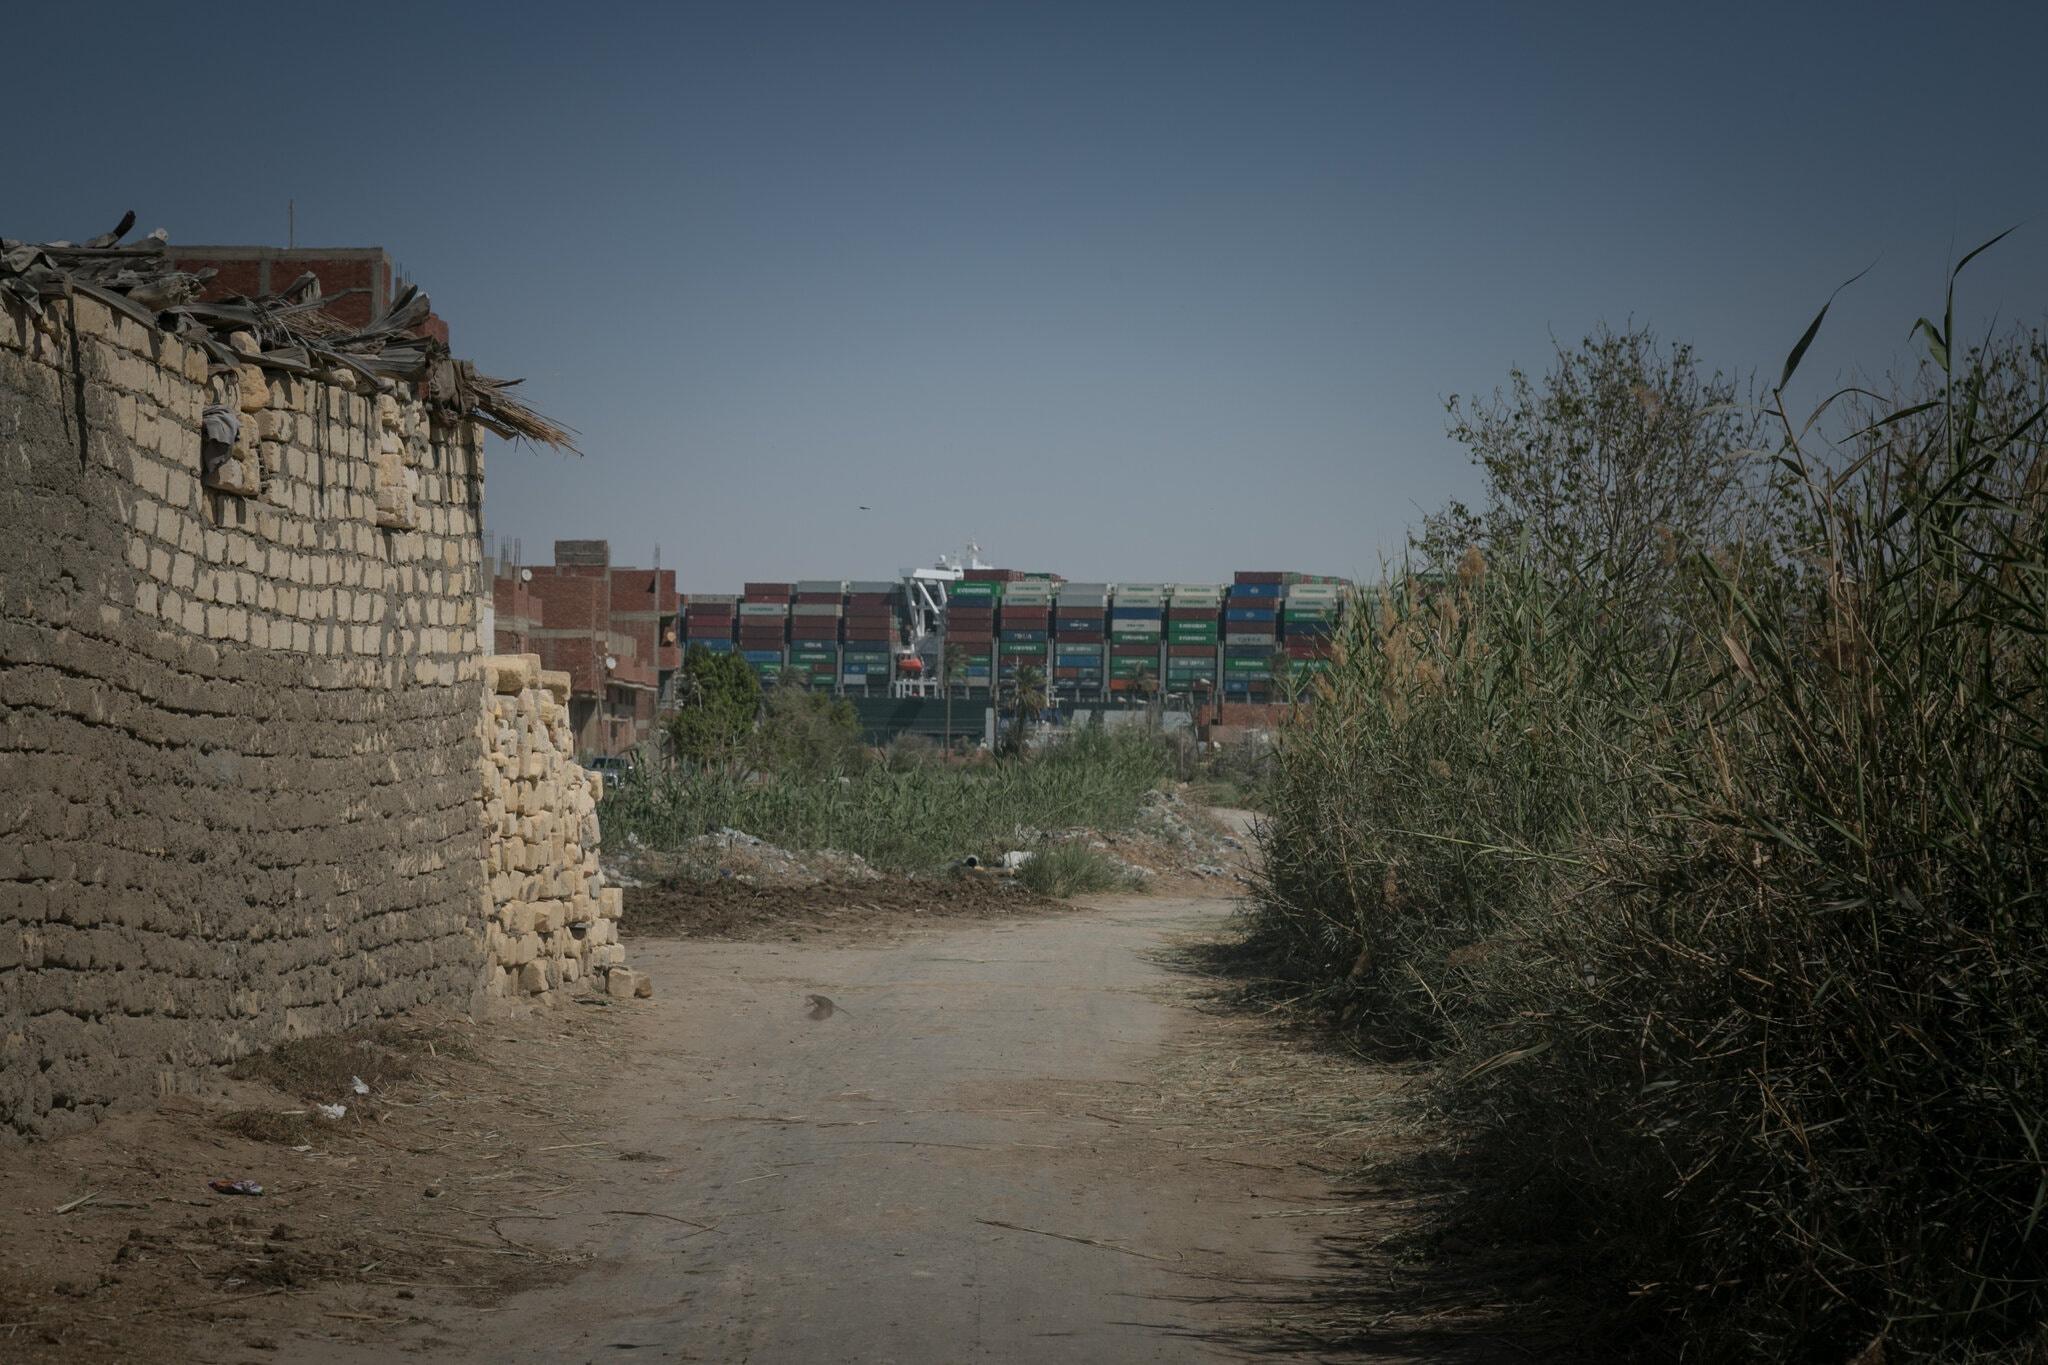 Góc nhìn tàu Ever Given từ phía ngôi làng Manshiyet Rugola, Ai Cập dọc kênh đào Suez hôm 27/3. Ảnh: New York Times.